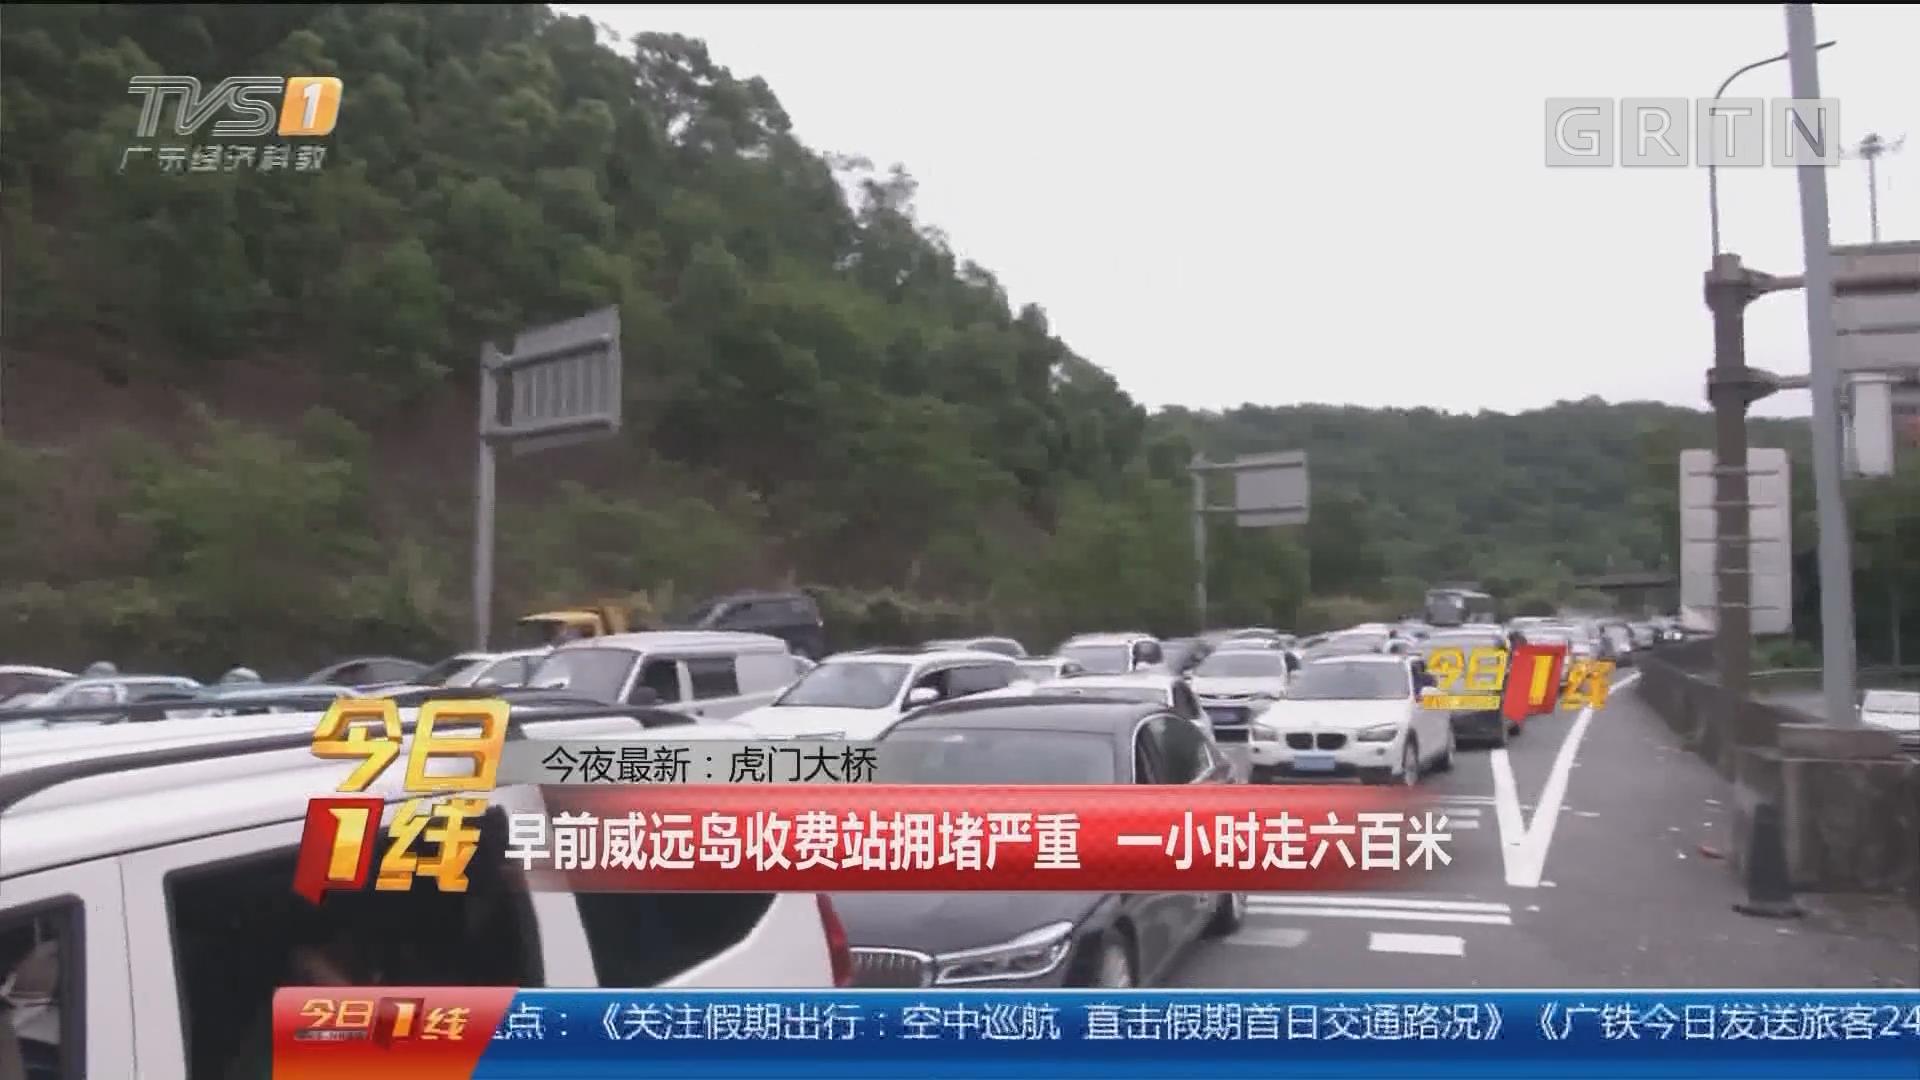 今夜最新:虎门大桥 早前威远岛收费站拥堵严重 一小时走六百米